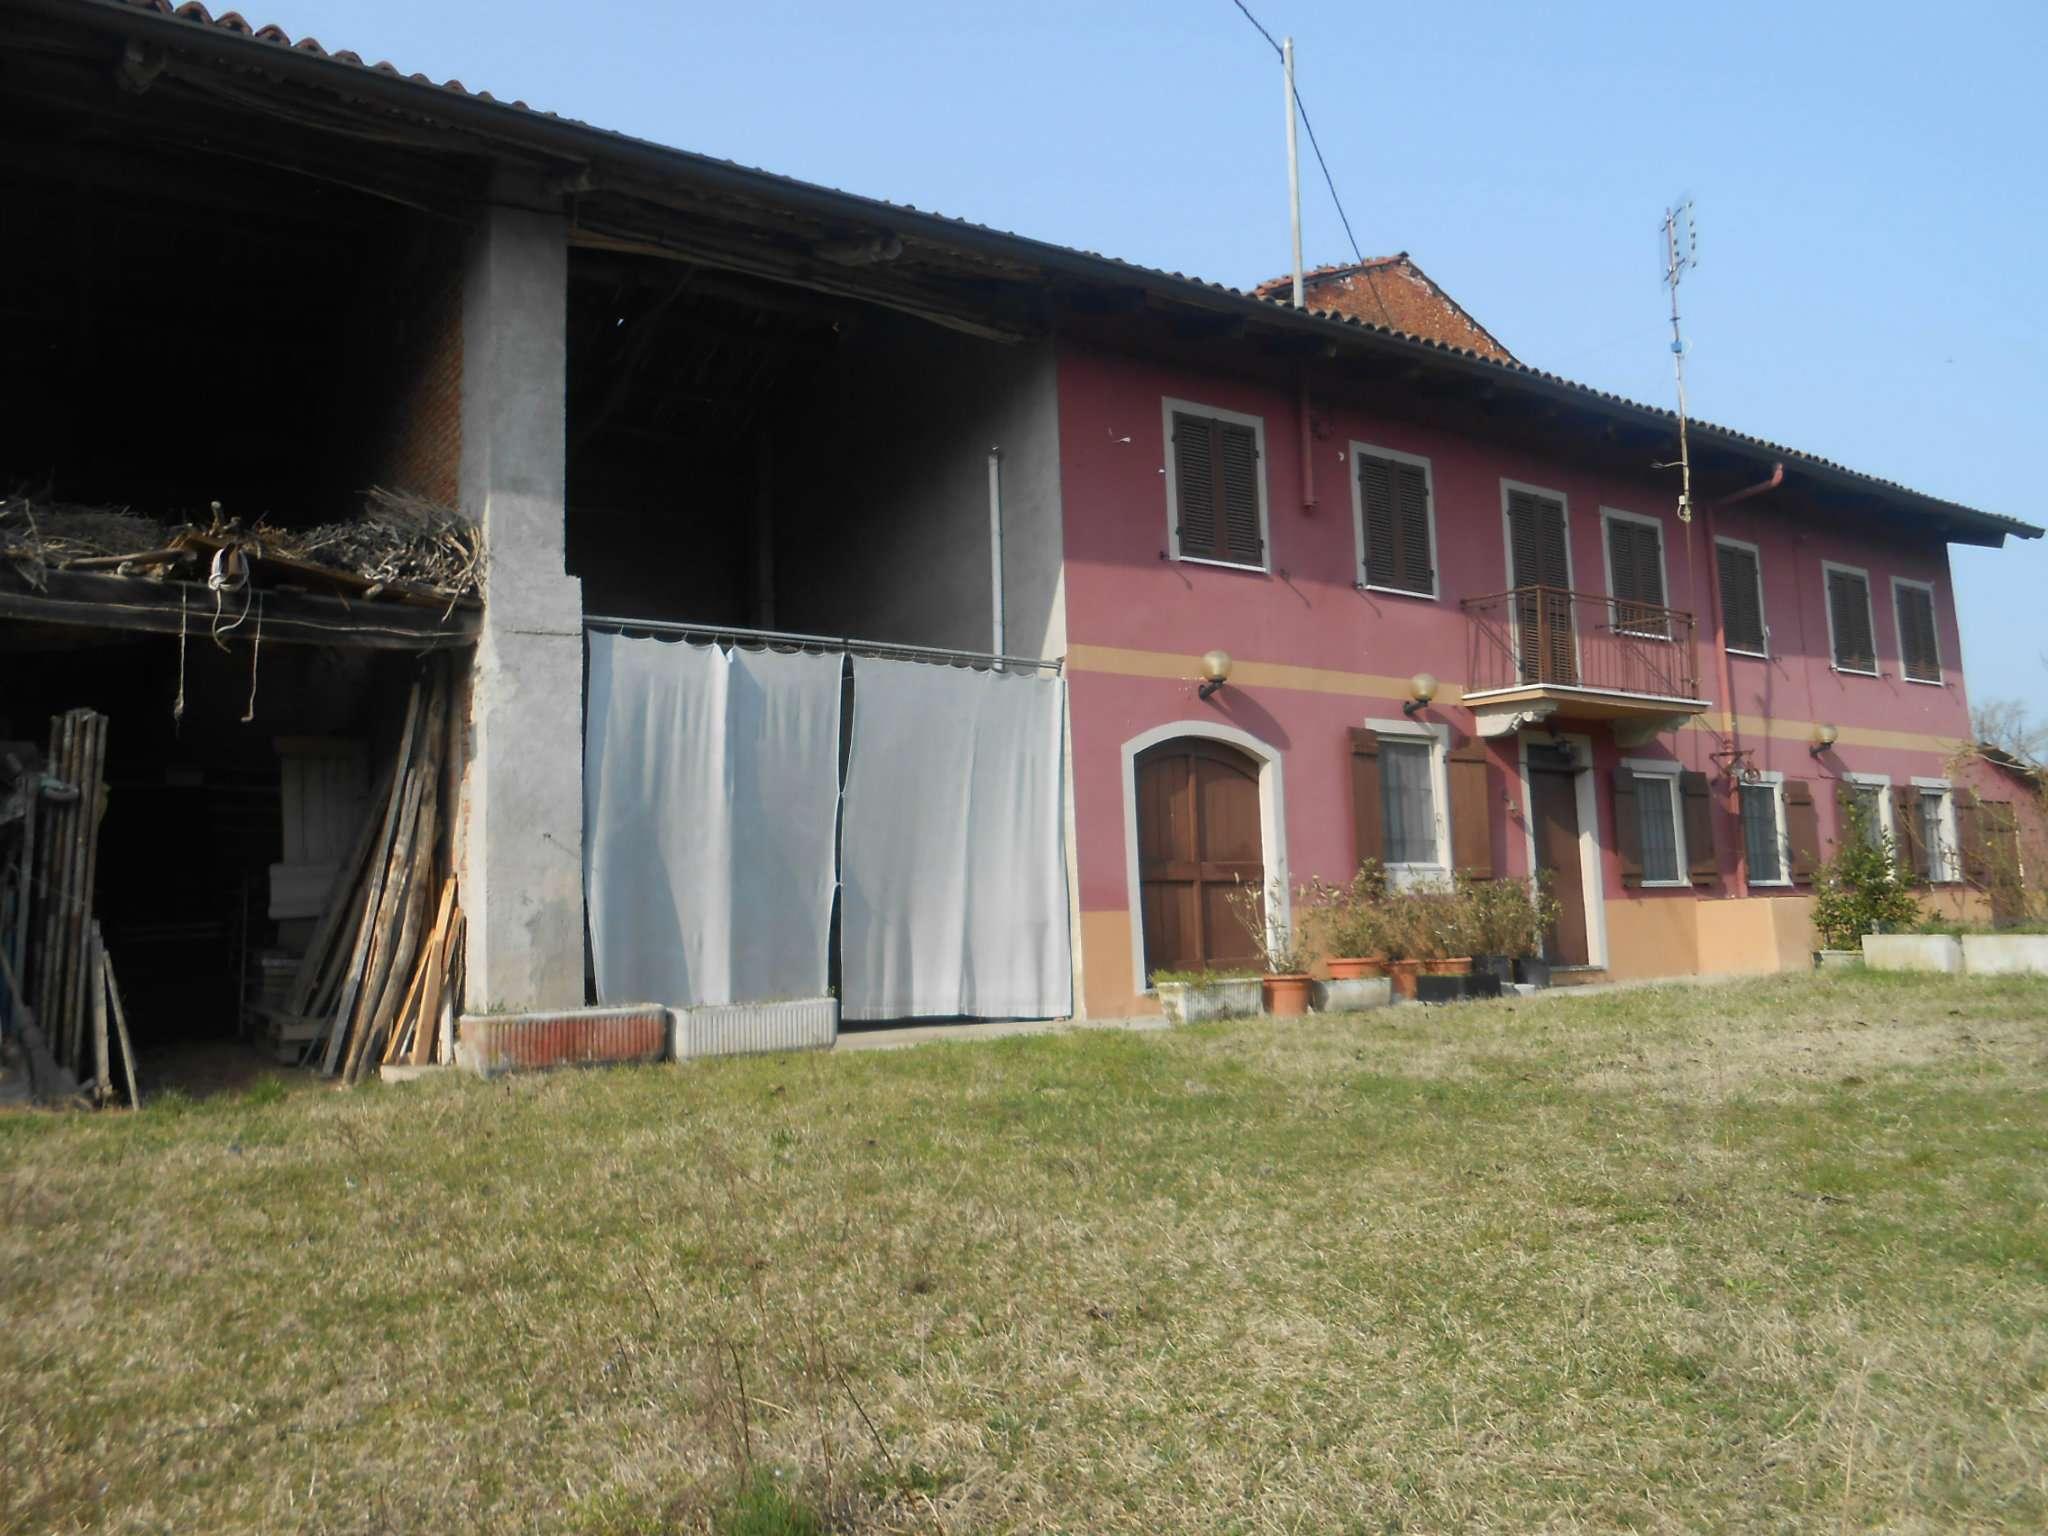 Rustico / Casale in vendita a Castelnuovo Don Bosco, 10 locali, prezzo € 132.000   CambioCasa.it